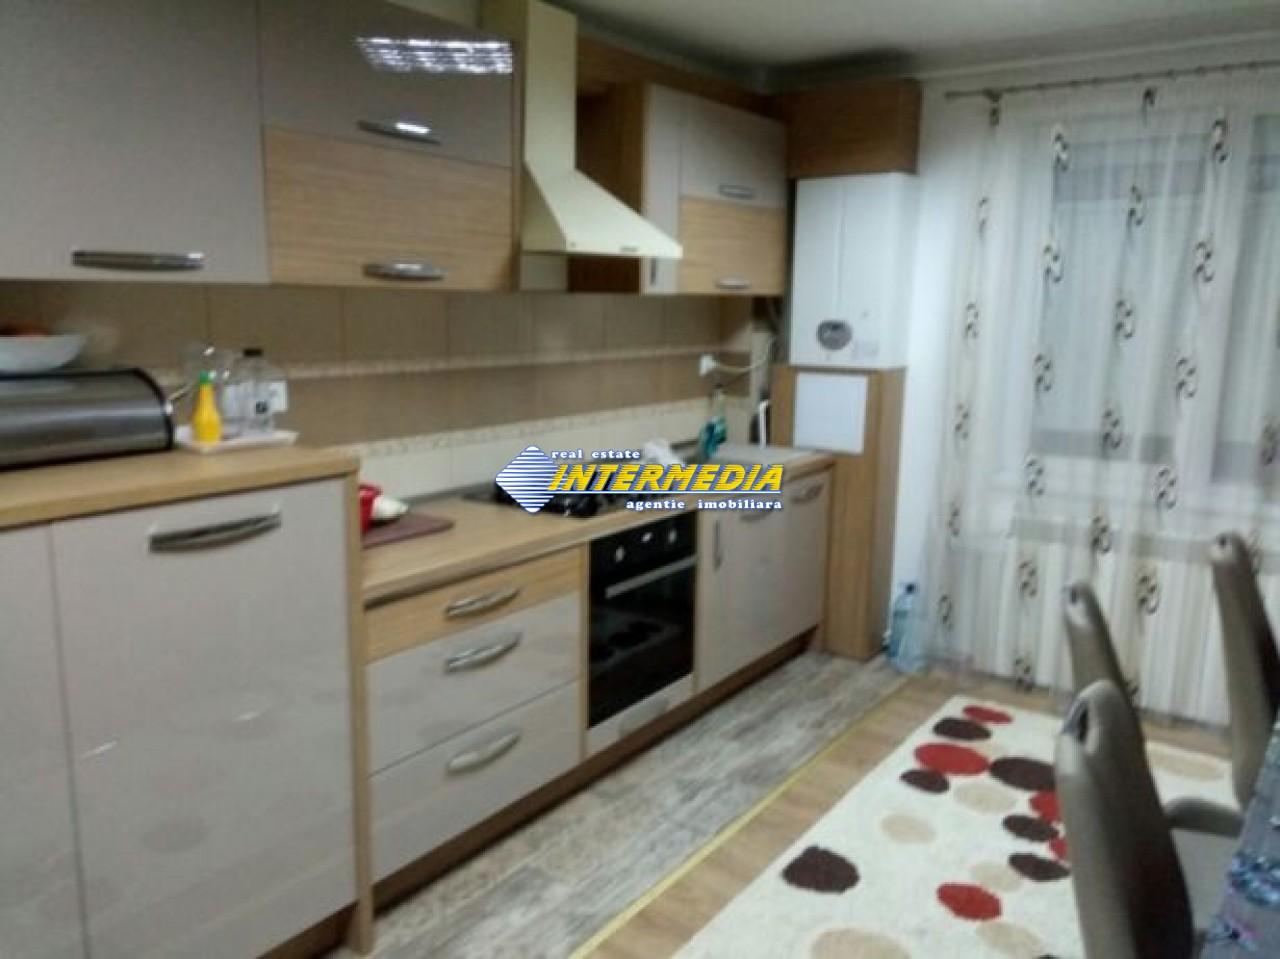 206158939_3_644x461_apartament-3-camere-zona-kaufland-3-camere.jpg